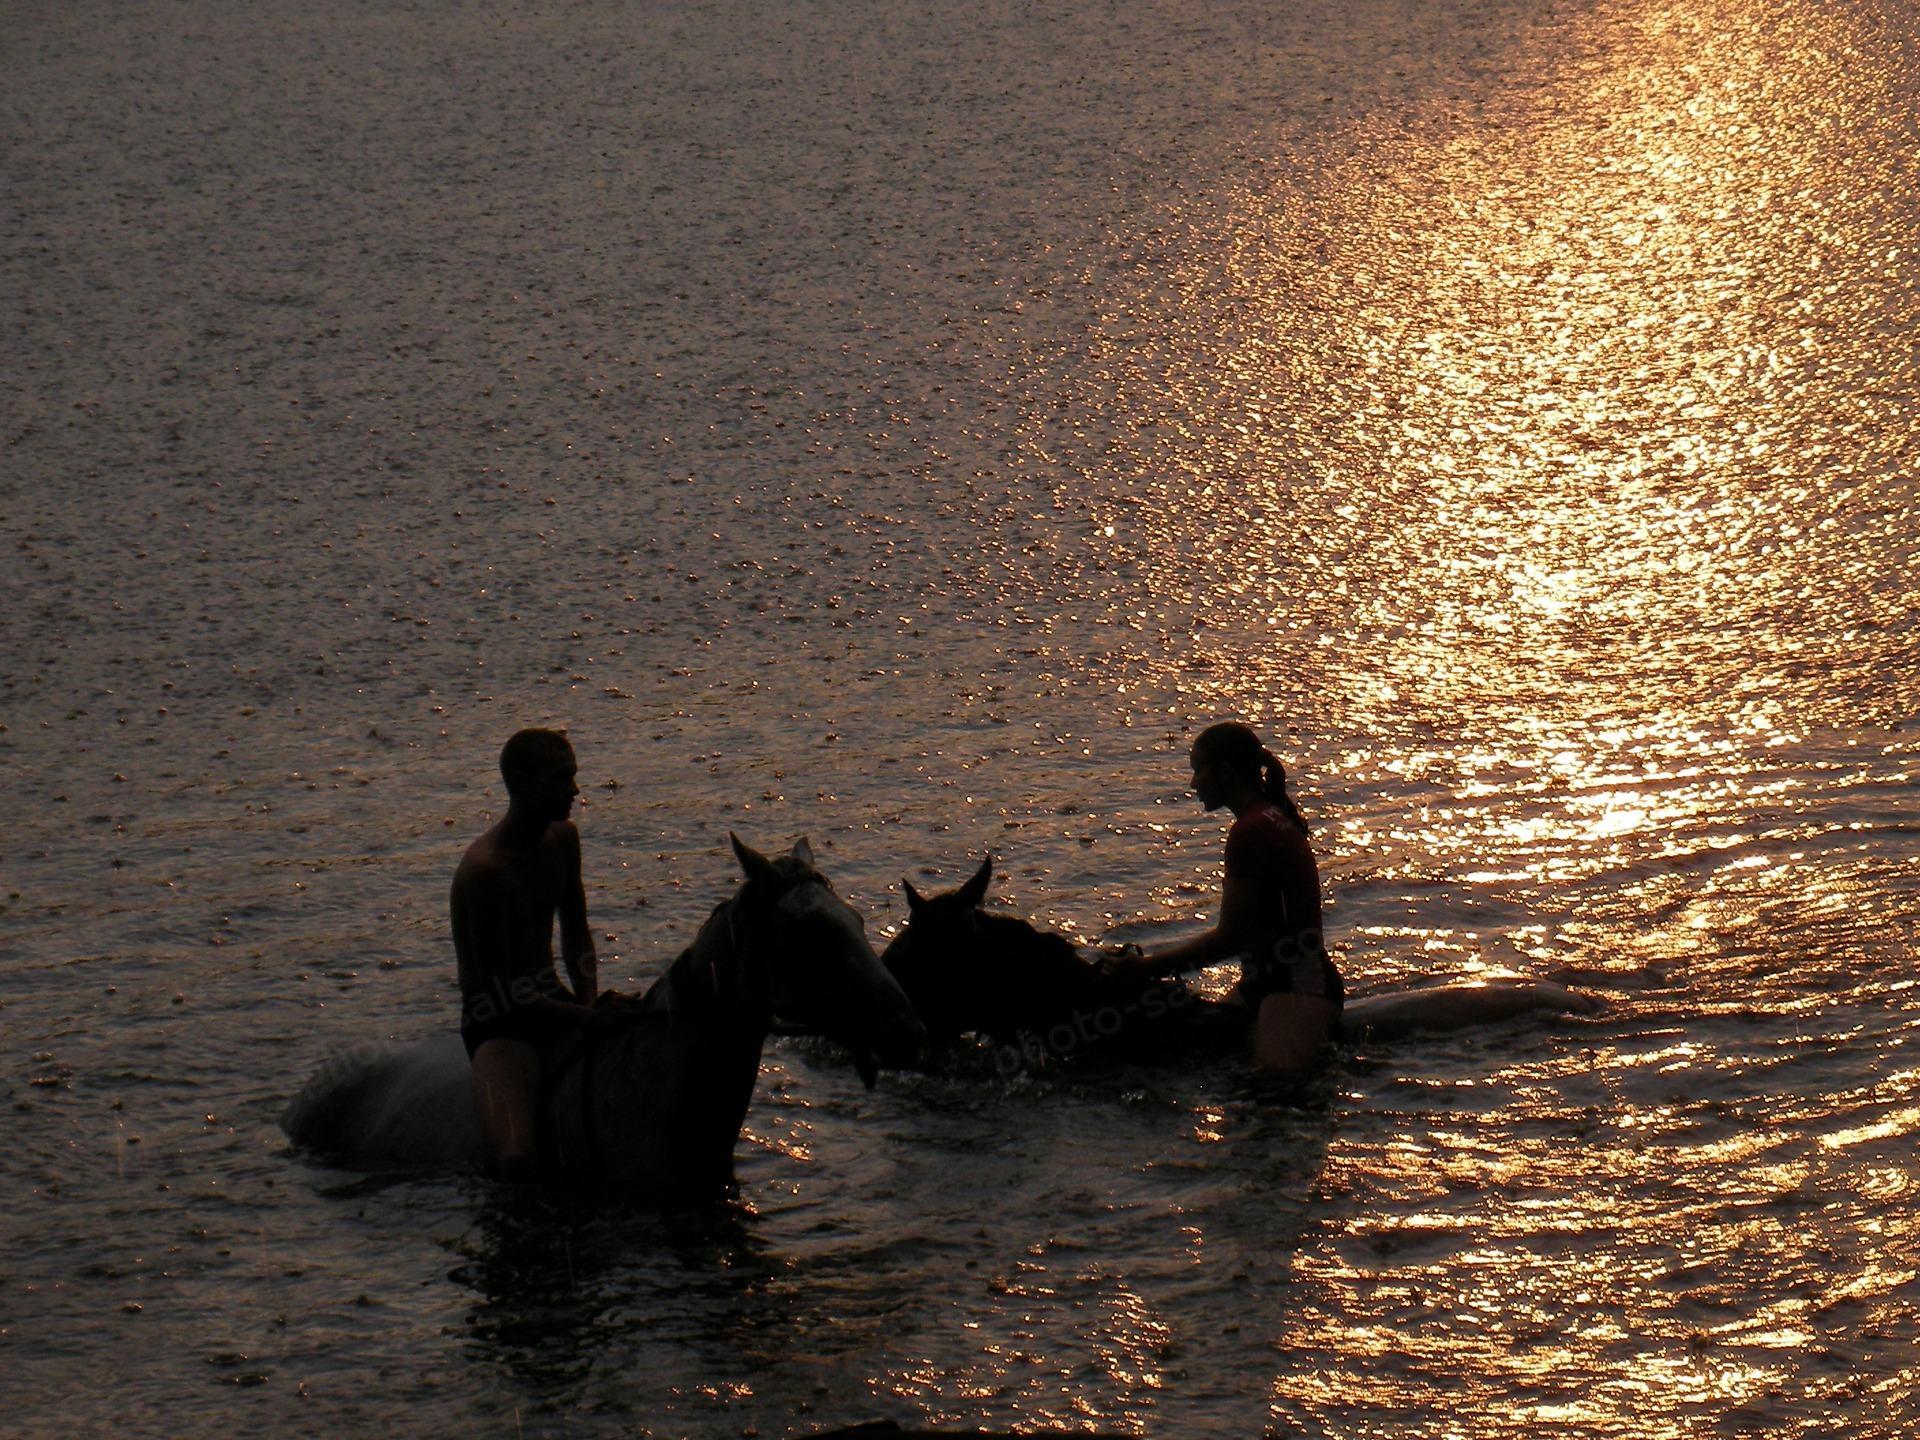 말을 타고 소년과 소녀 수영